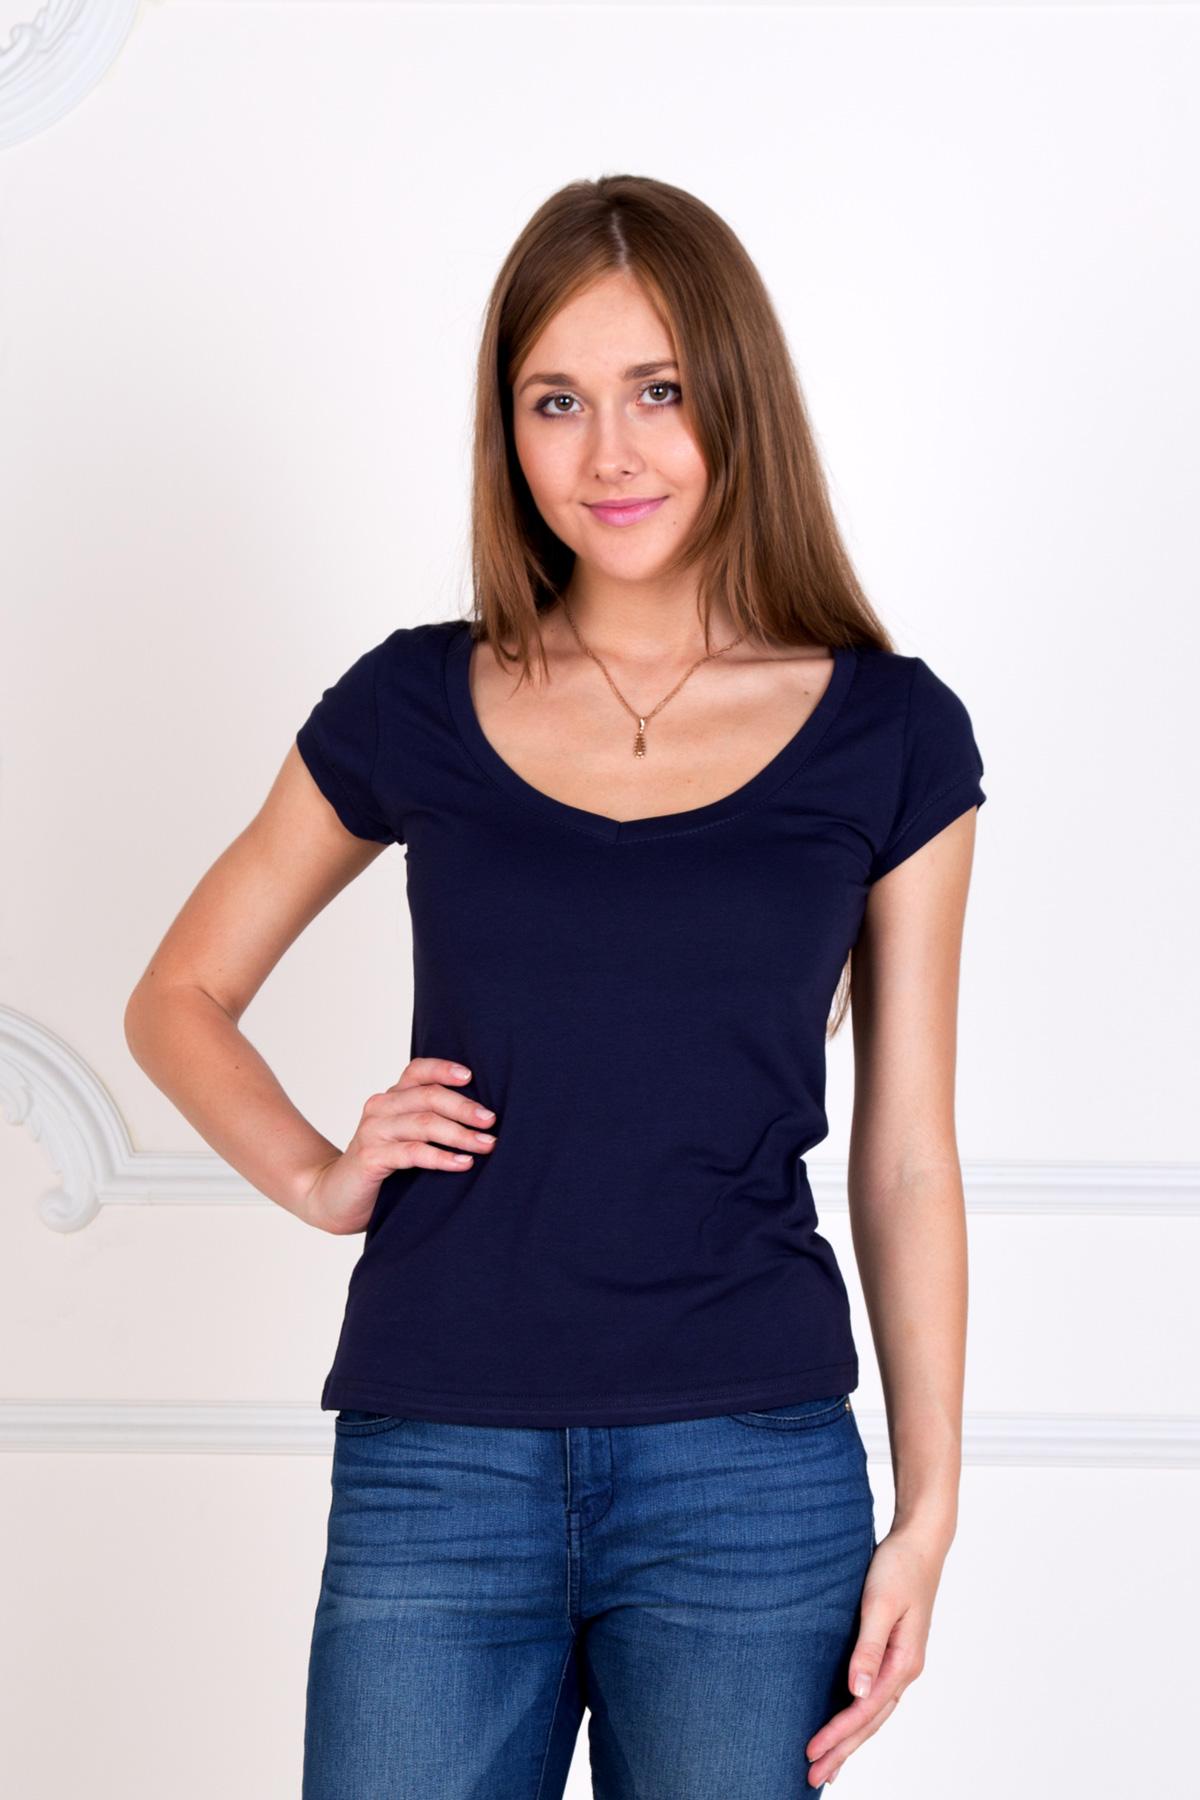 Жен. футболка Лиза Синий р. 50Майки и футболки<br>Факт. ОГ: 88 см <br>Факт. ОТ: 84 см <br>Факт. ОБ: 94 см <br>Длина по спинке: 62 см<br><br>Тип: Жен. футболка<br>Размер: 50<br>Материал: Фулайкра